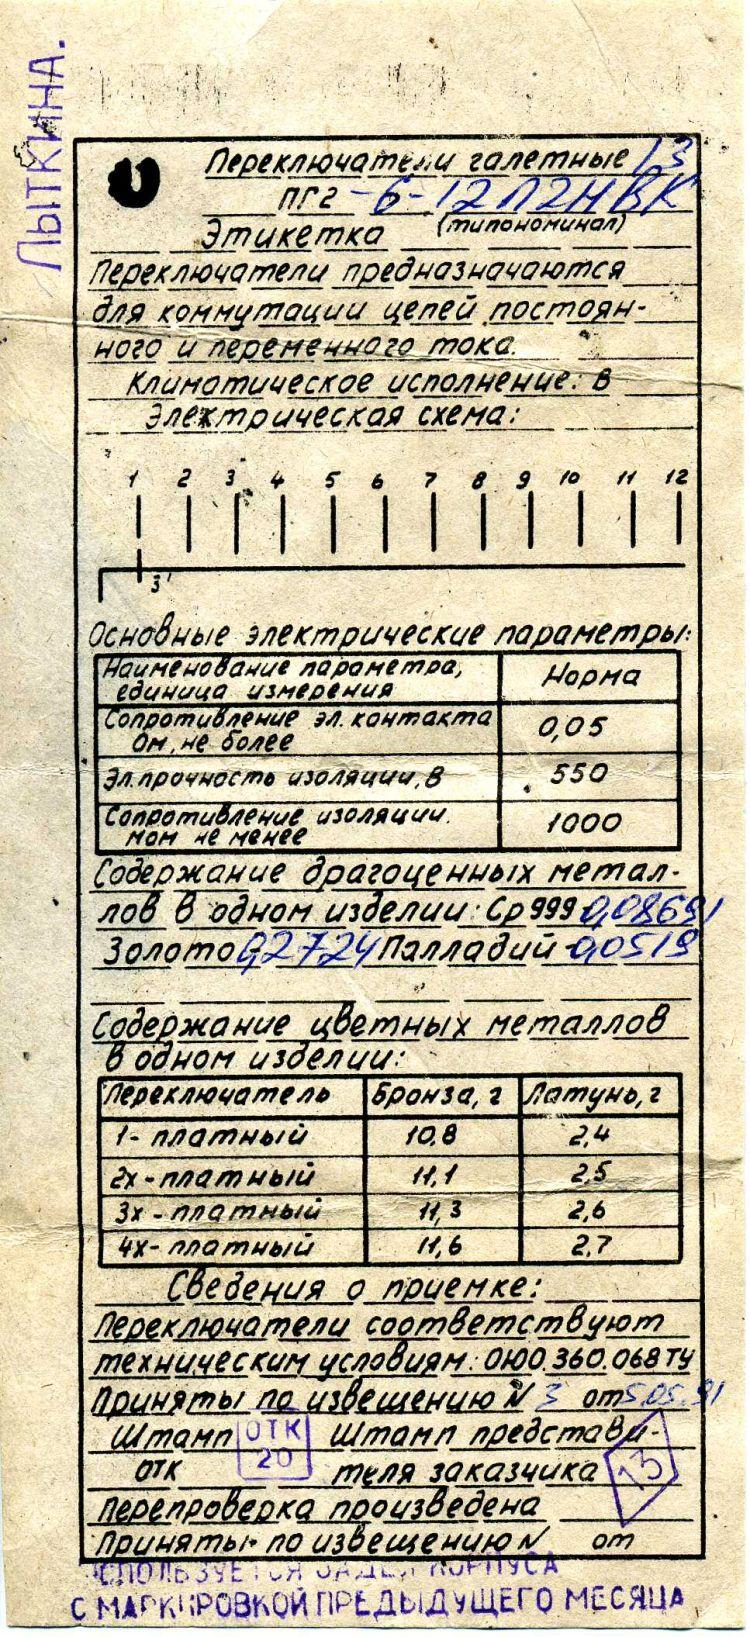 Формуляр ПГ2-6-12П2Н